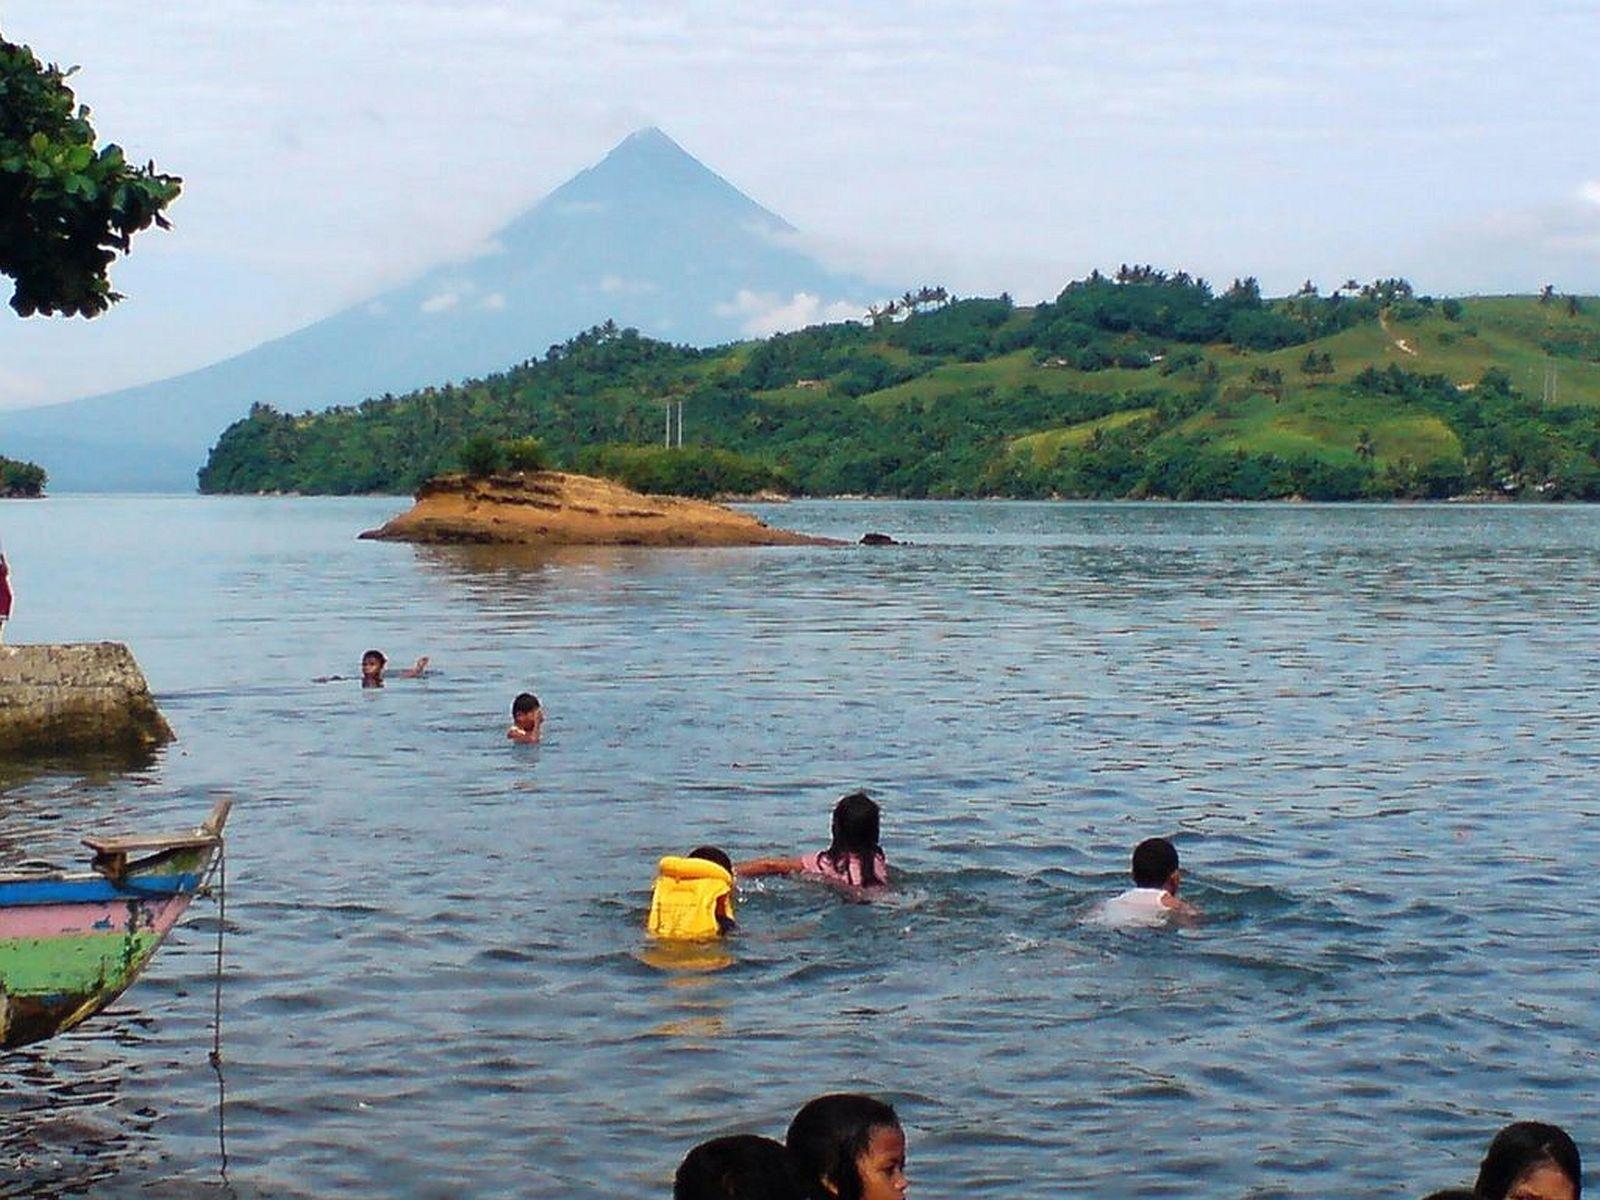 PHILIPPINEN REISEN - ORTE - SÜD-LUZON - ALBAY - Touristische Ortsbeschreibung für Malilipot